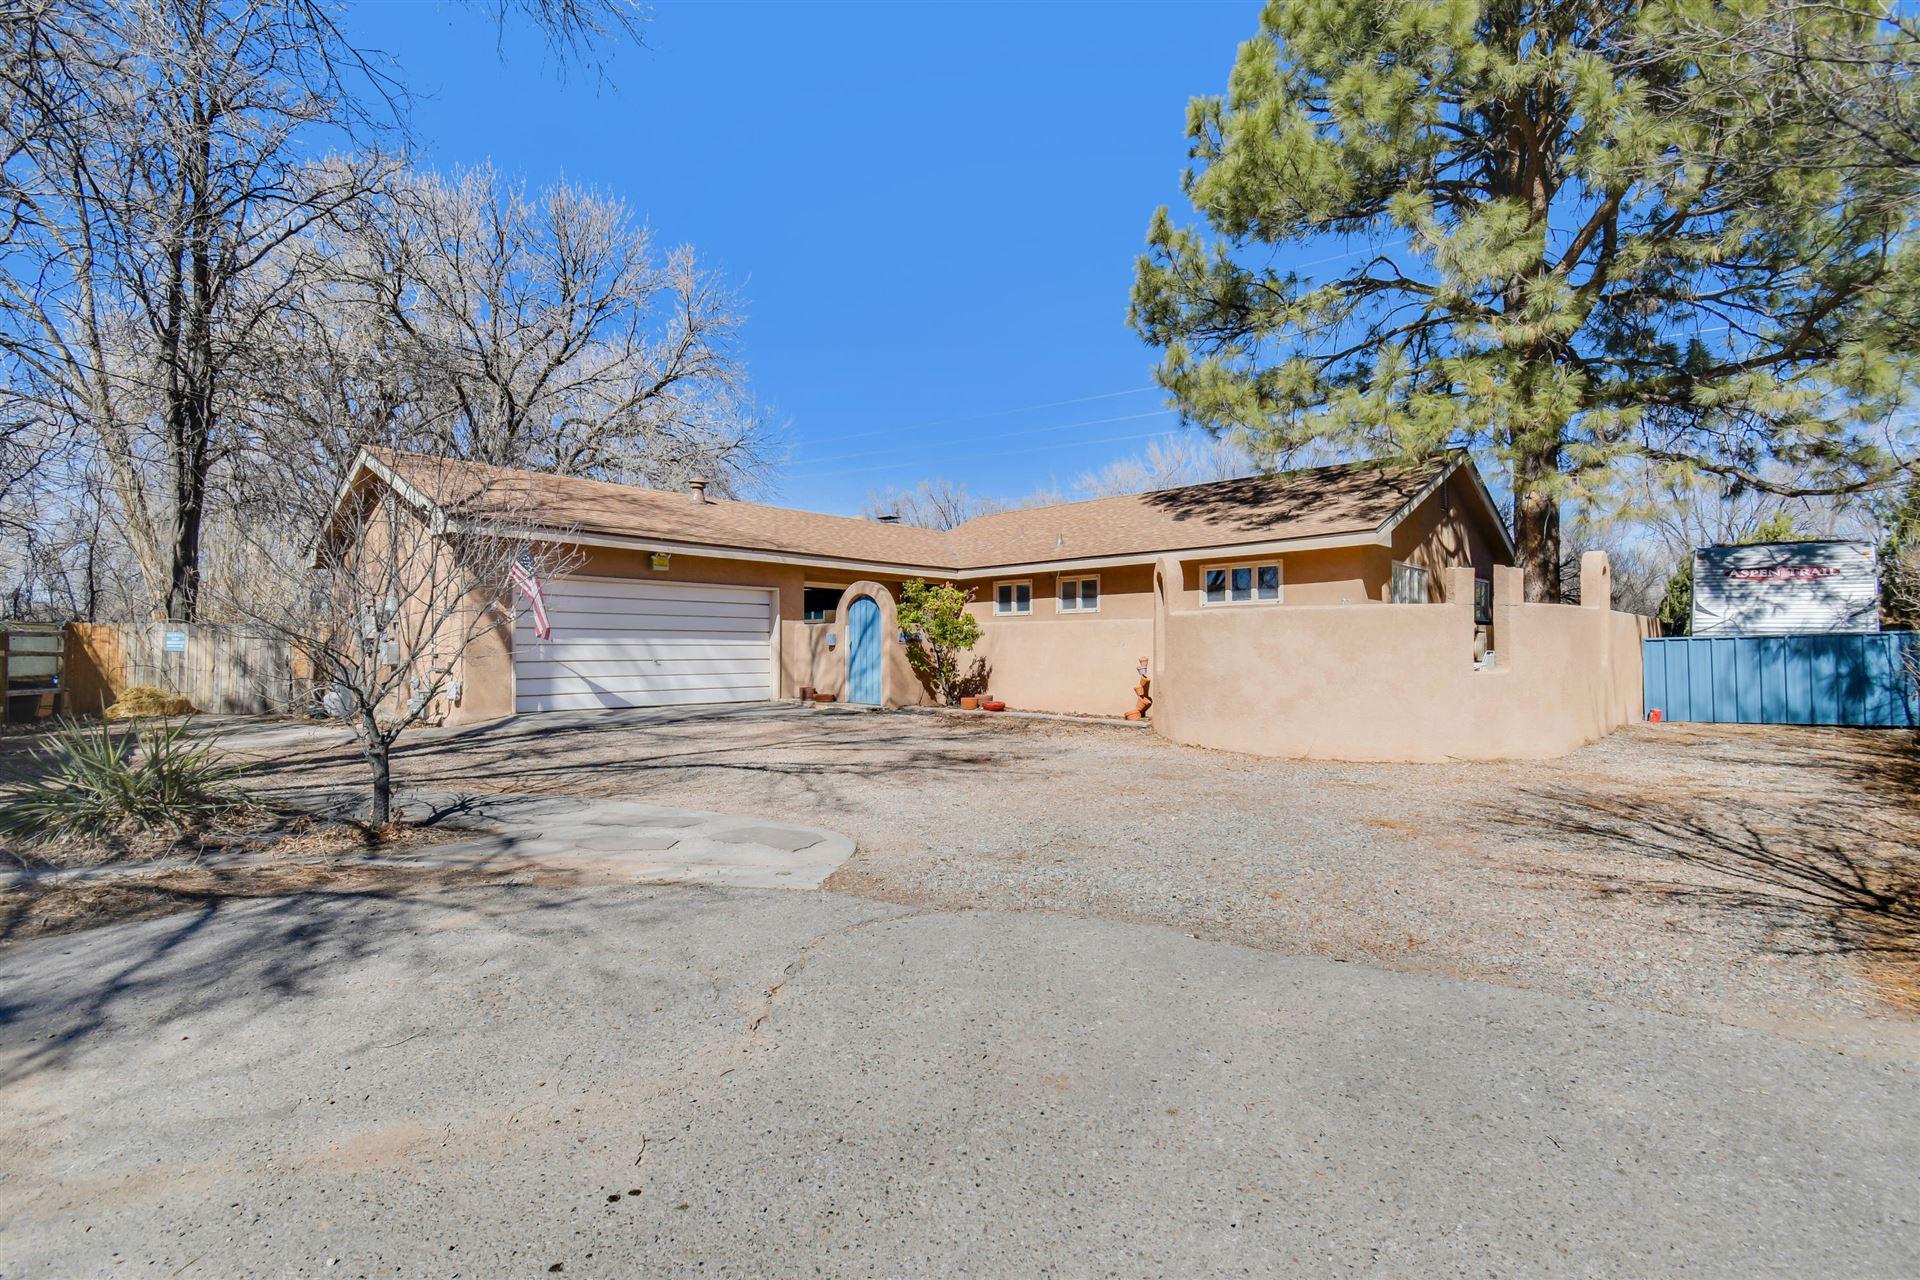 Photo of 801 CALLE DEL PAJARITO NW, Los Ranchos, NM 87114 (MLS # 986281)